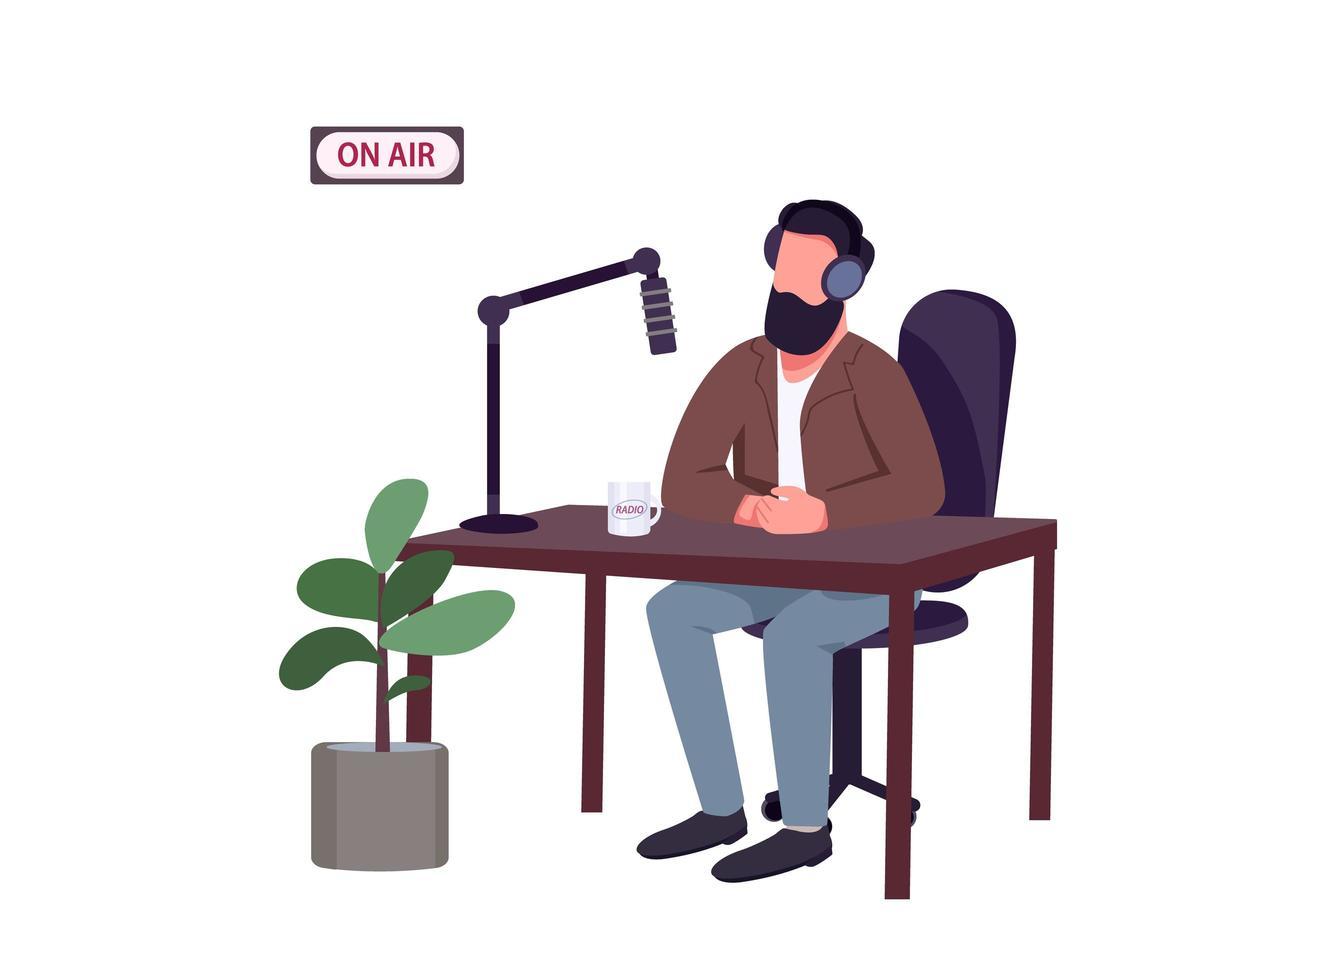 apresentador de programa de rádio vetor